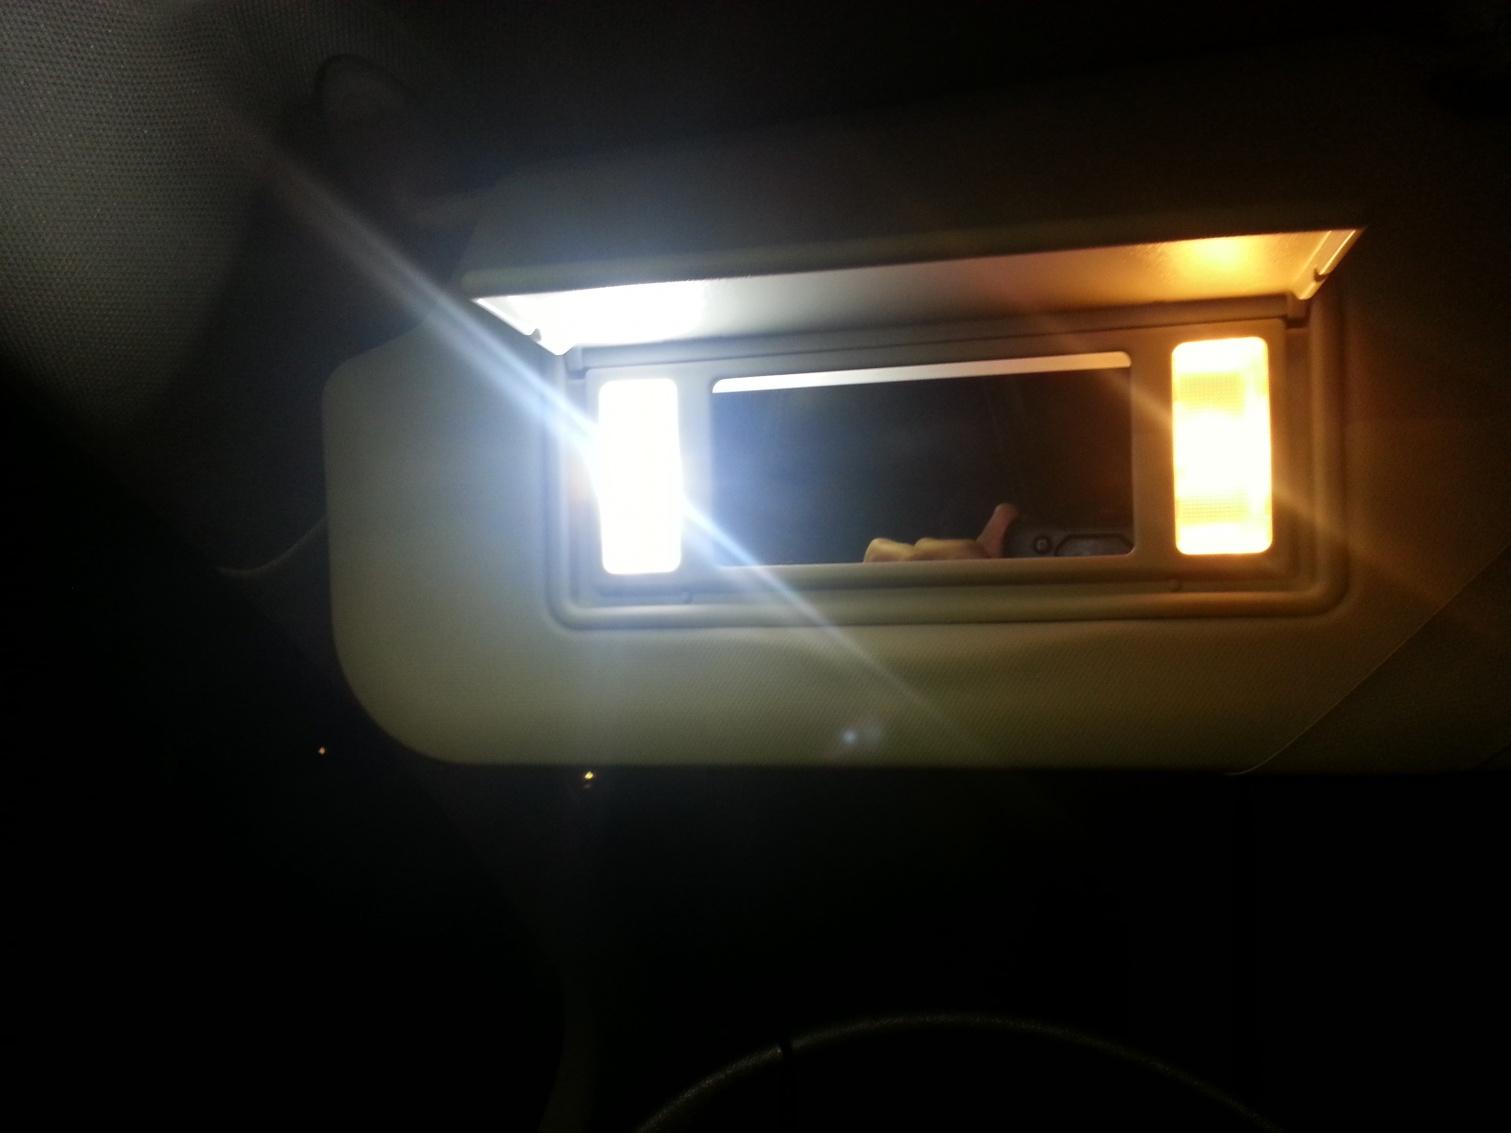 LED vanity light upgrade-20140127_190759.jpg